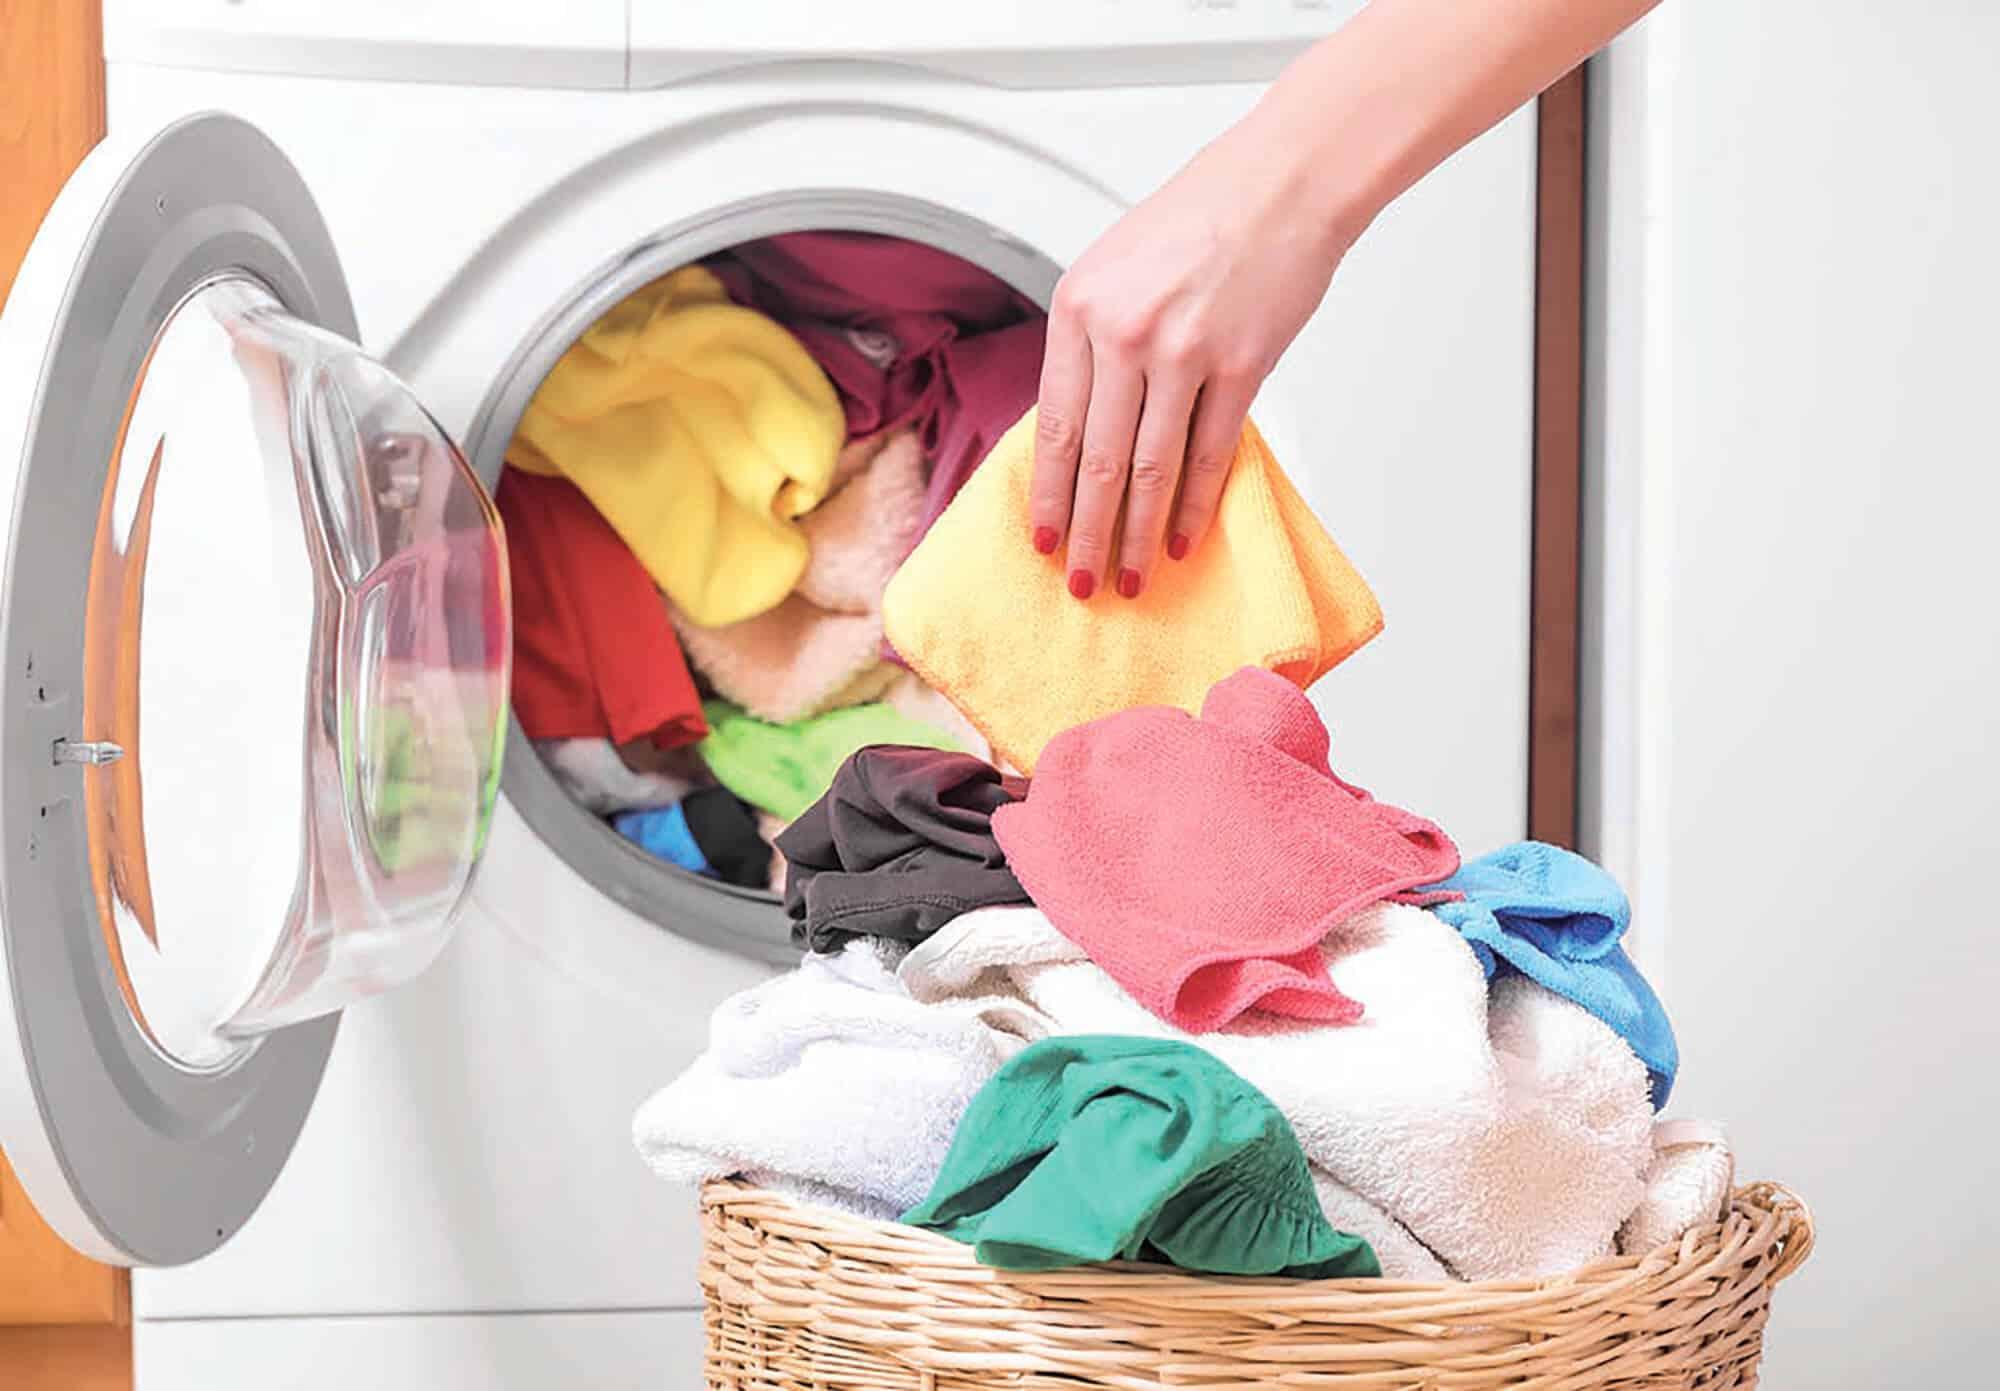 Umgang mit Wäsche und Textilien aus infektionsgefährdeten Bereichen